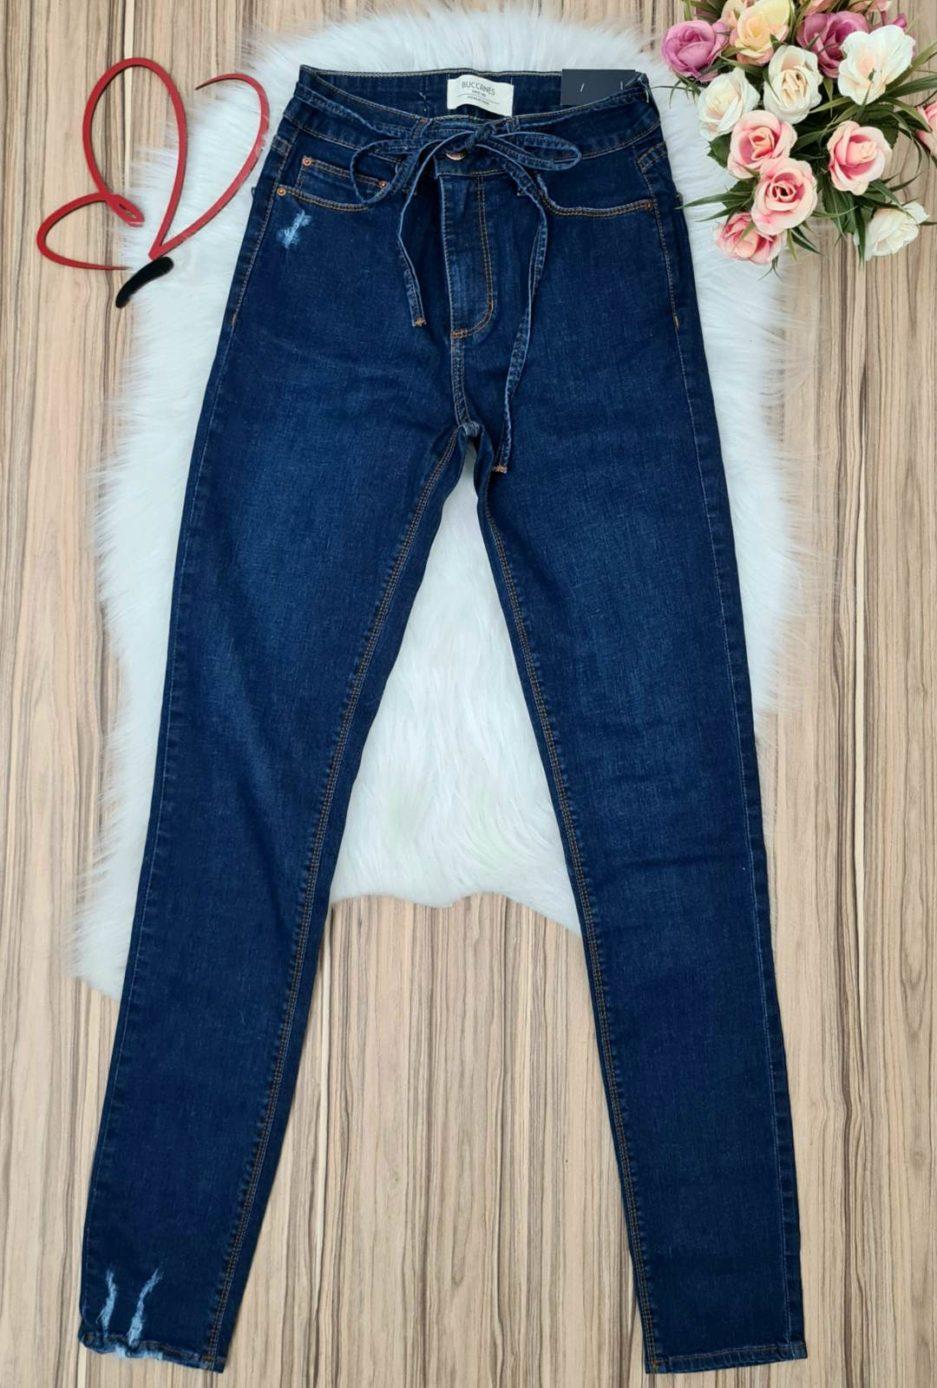 veigaboutique com br calca jeans buccanes skinny cinto amarrar 6